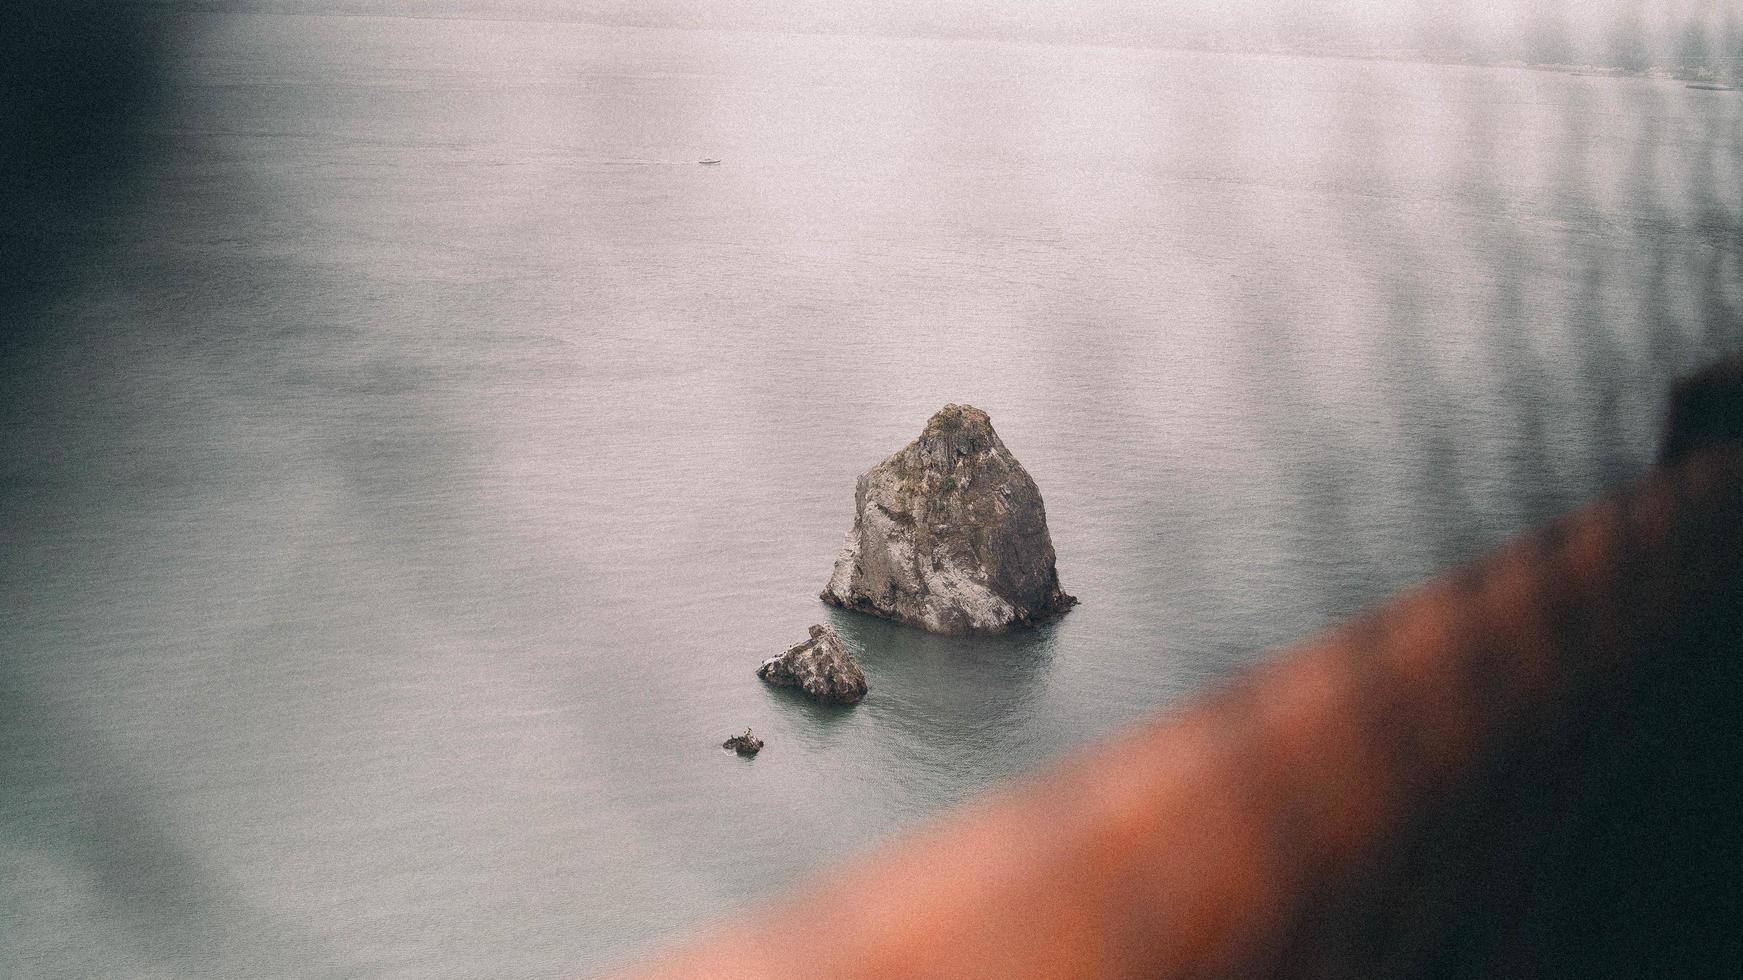 rotsformatie op water door hek foto